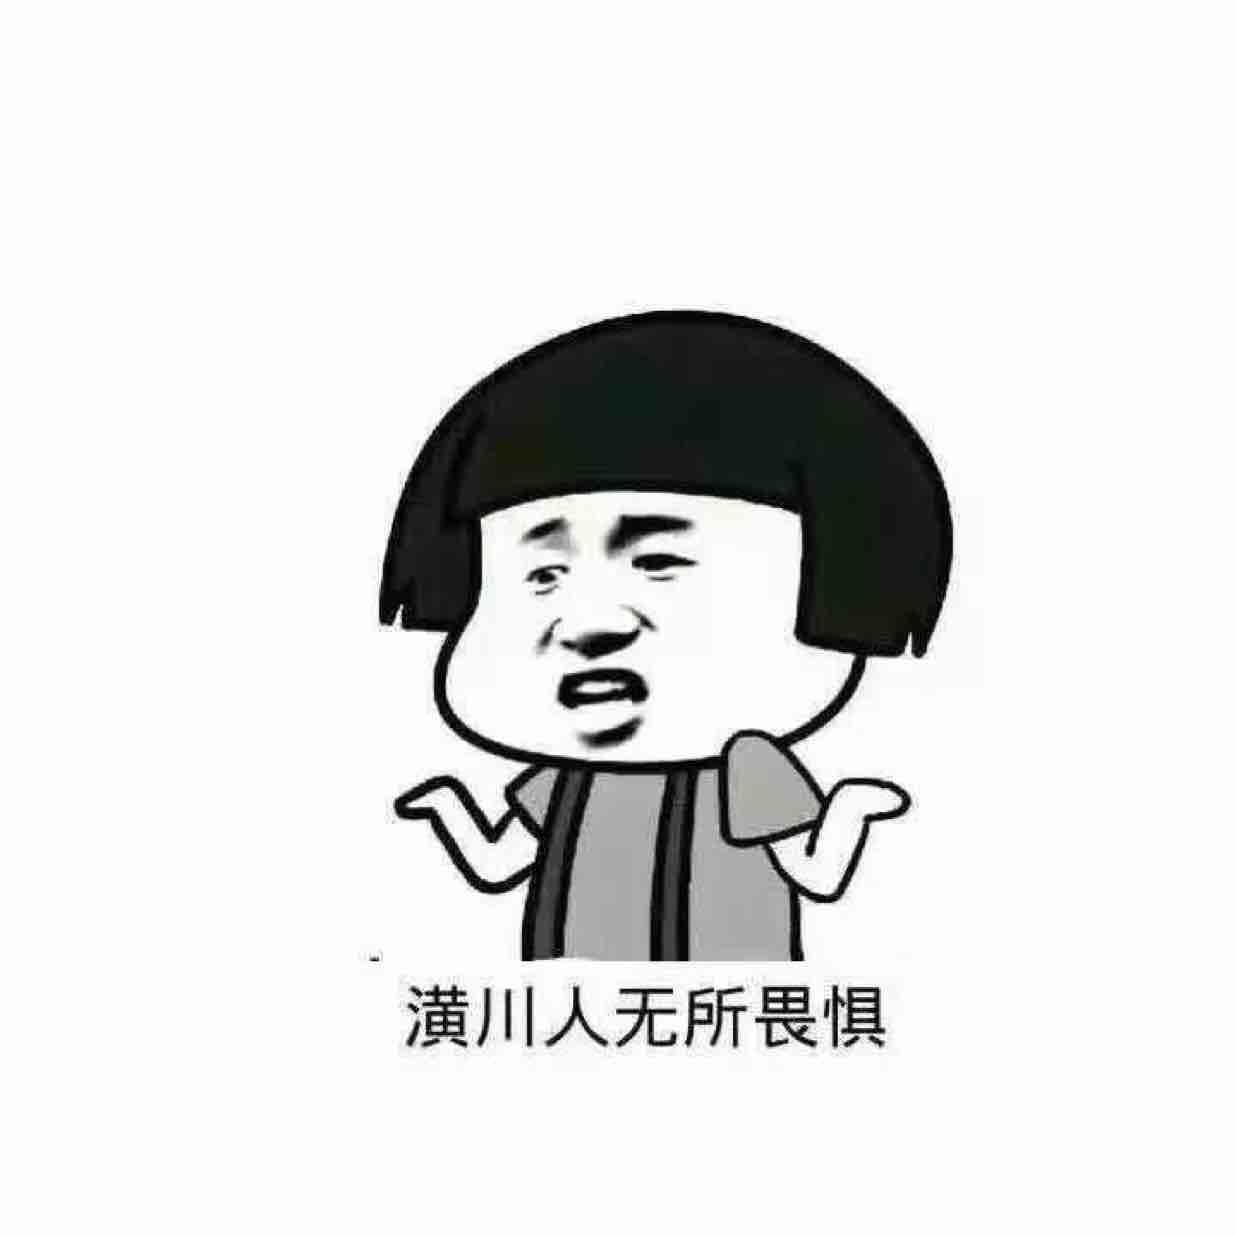 大爱@中国